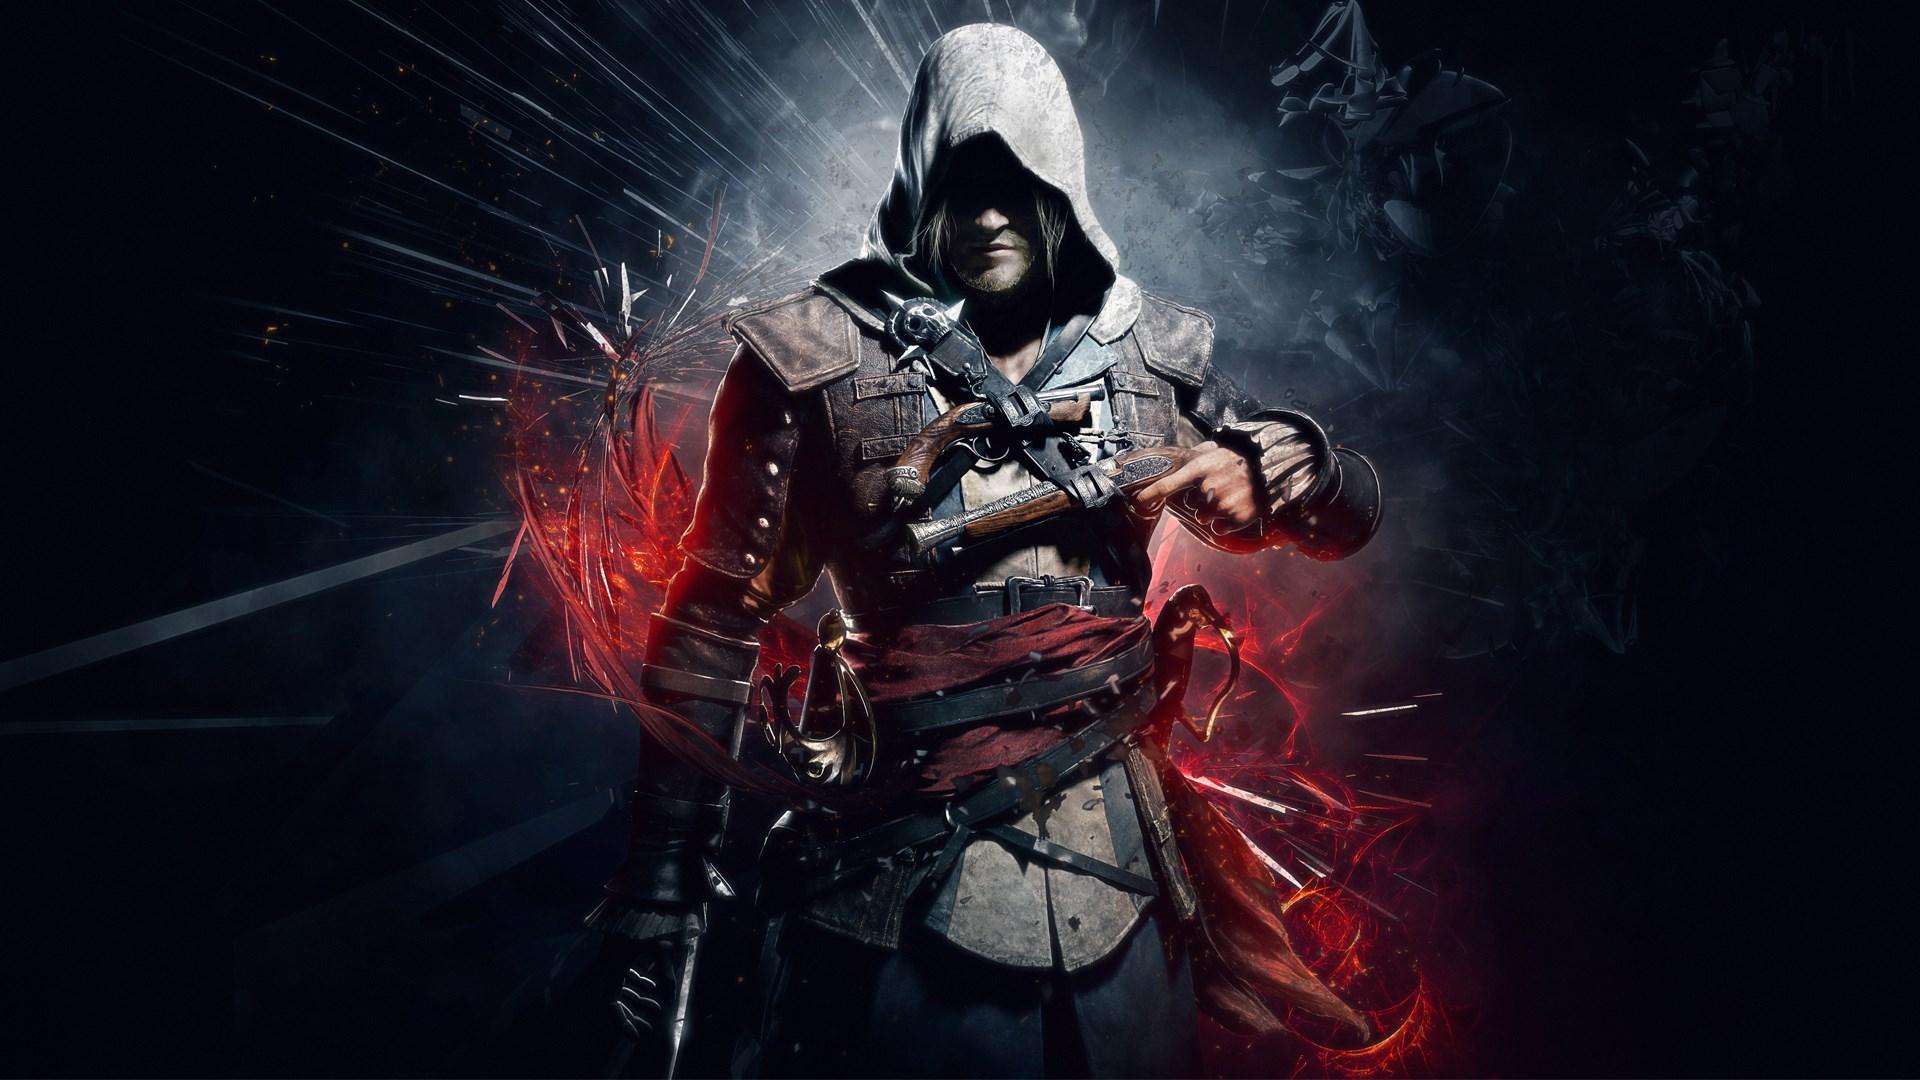 assassins creed 4 black flag fond d'écran 1